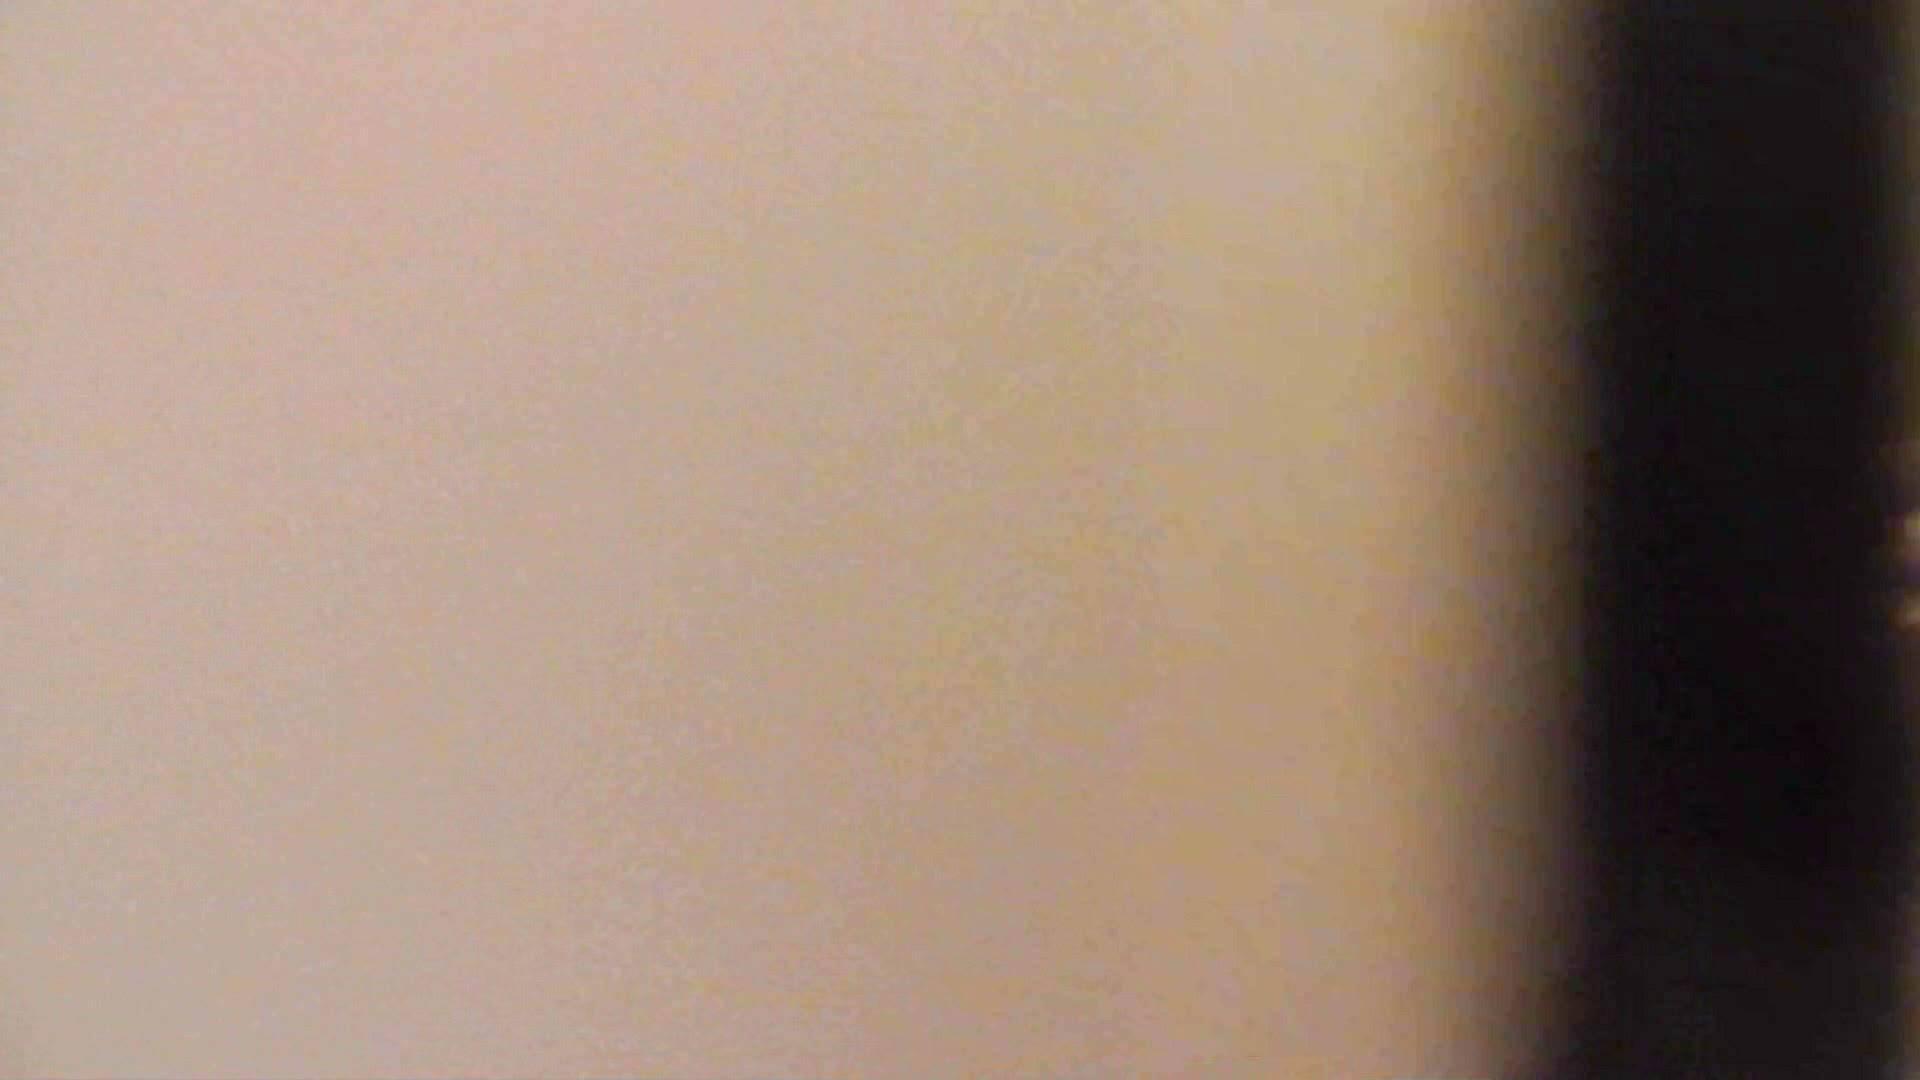 洗寿観音さんの 化粧室は四面楚歌Nol.6 洗面所  93pic 19